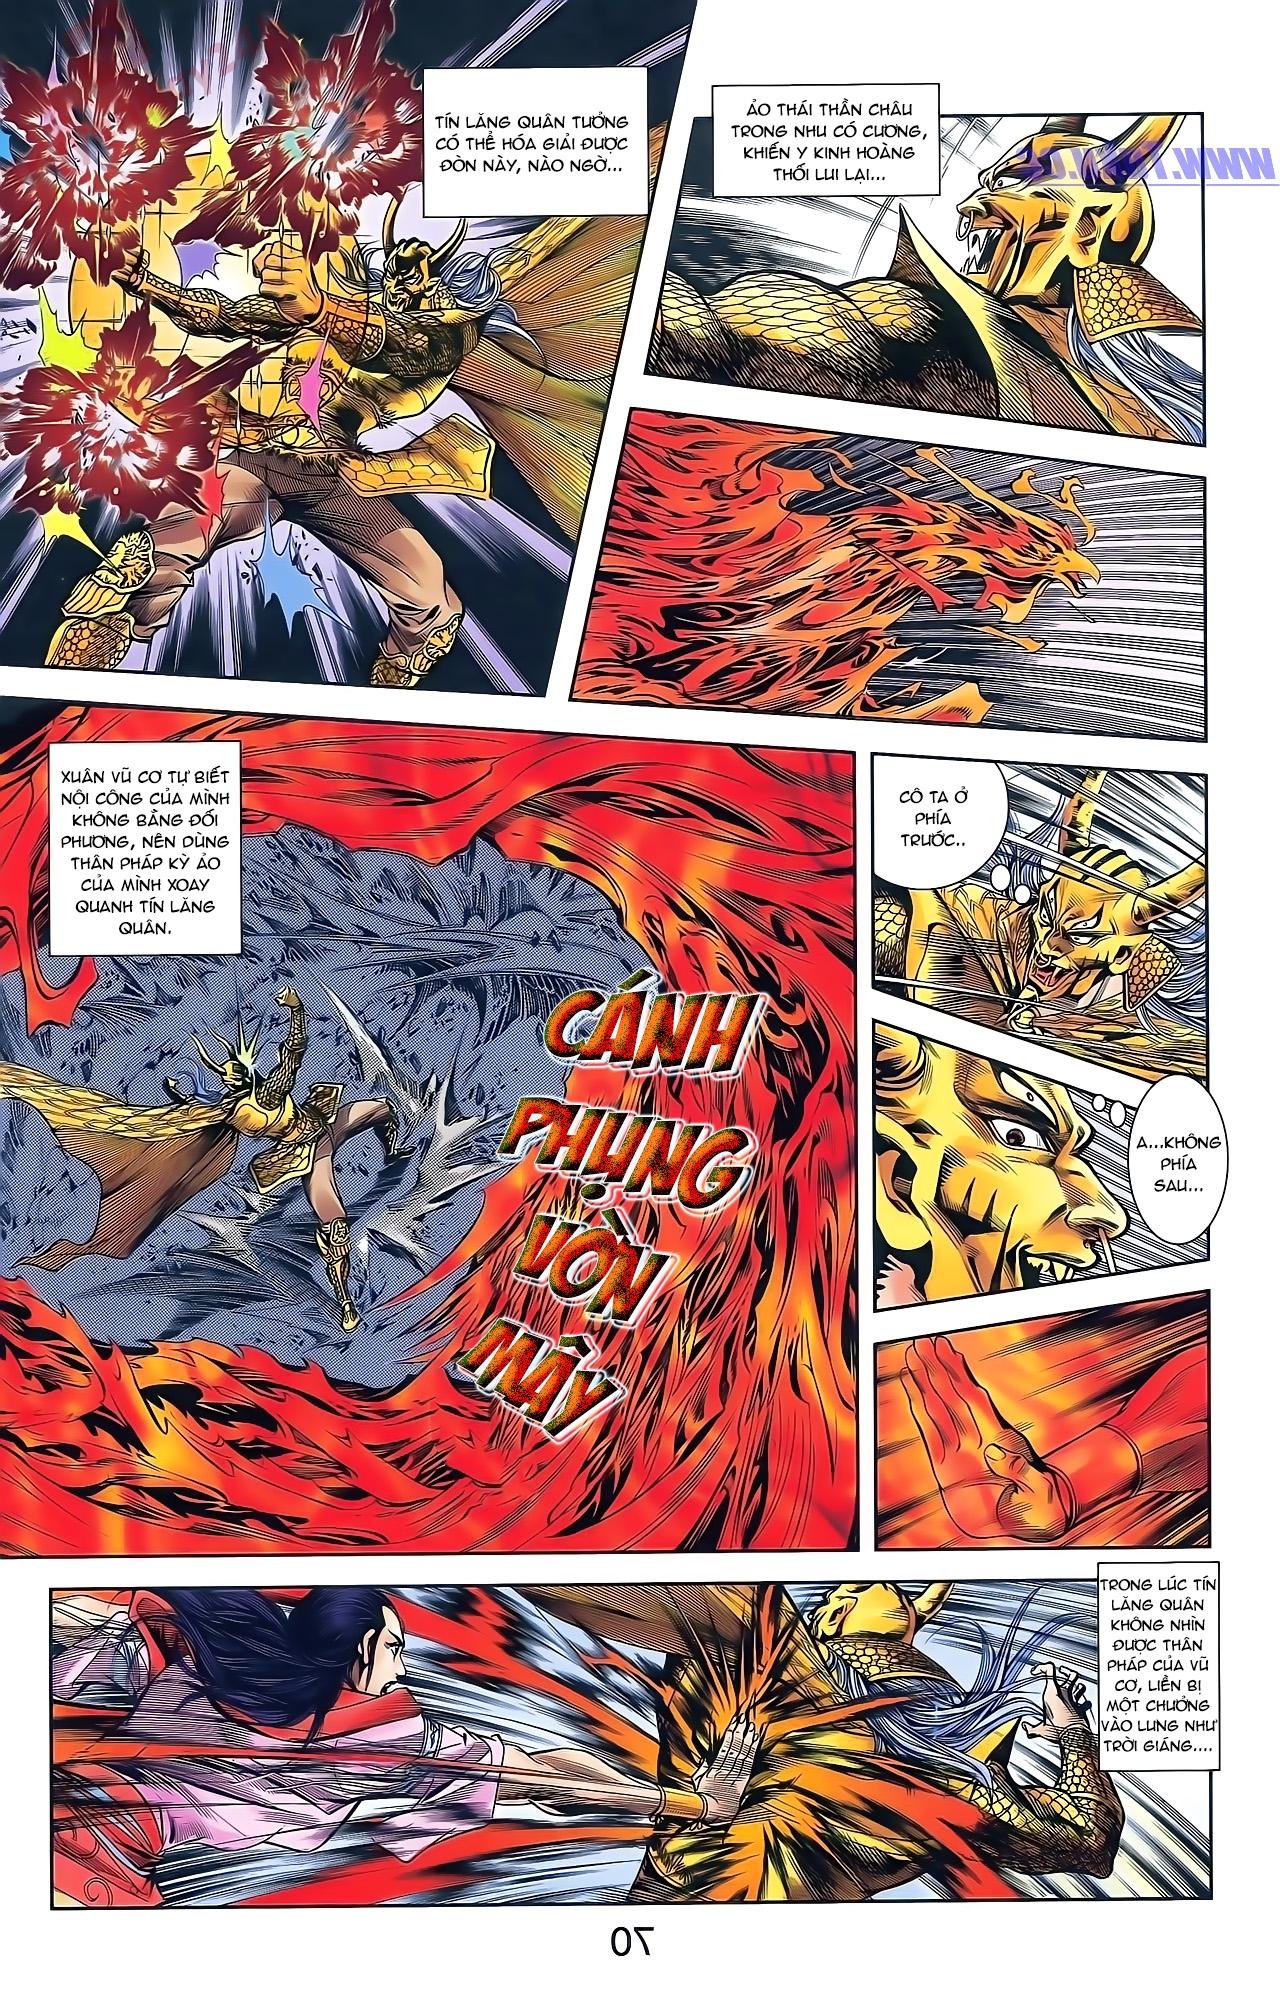 Tần Vương Doanh Chính chapter 49 trang 24